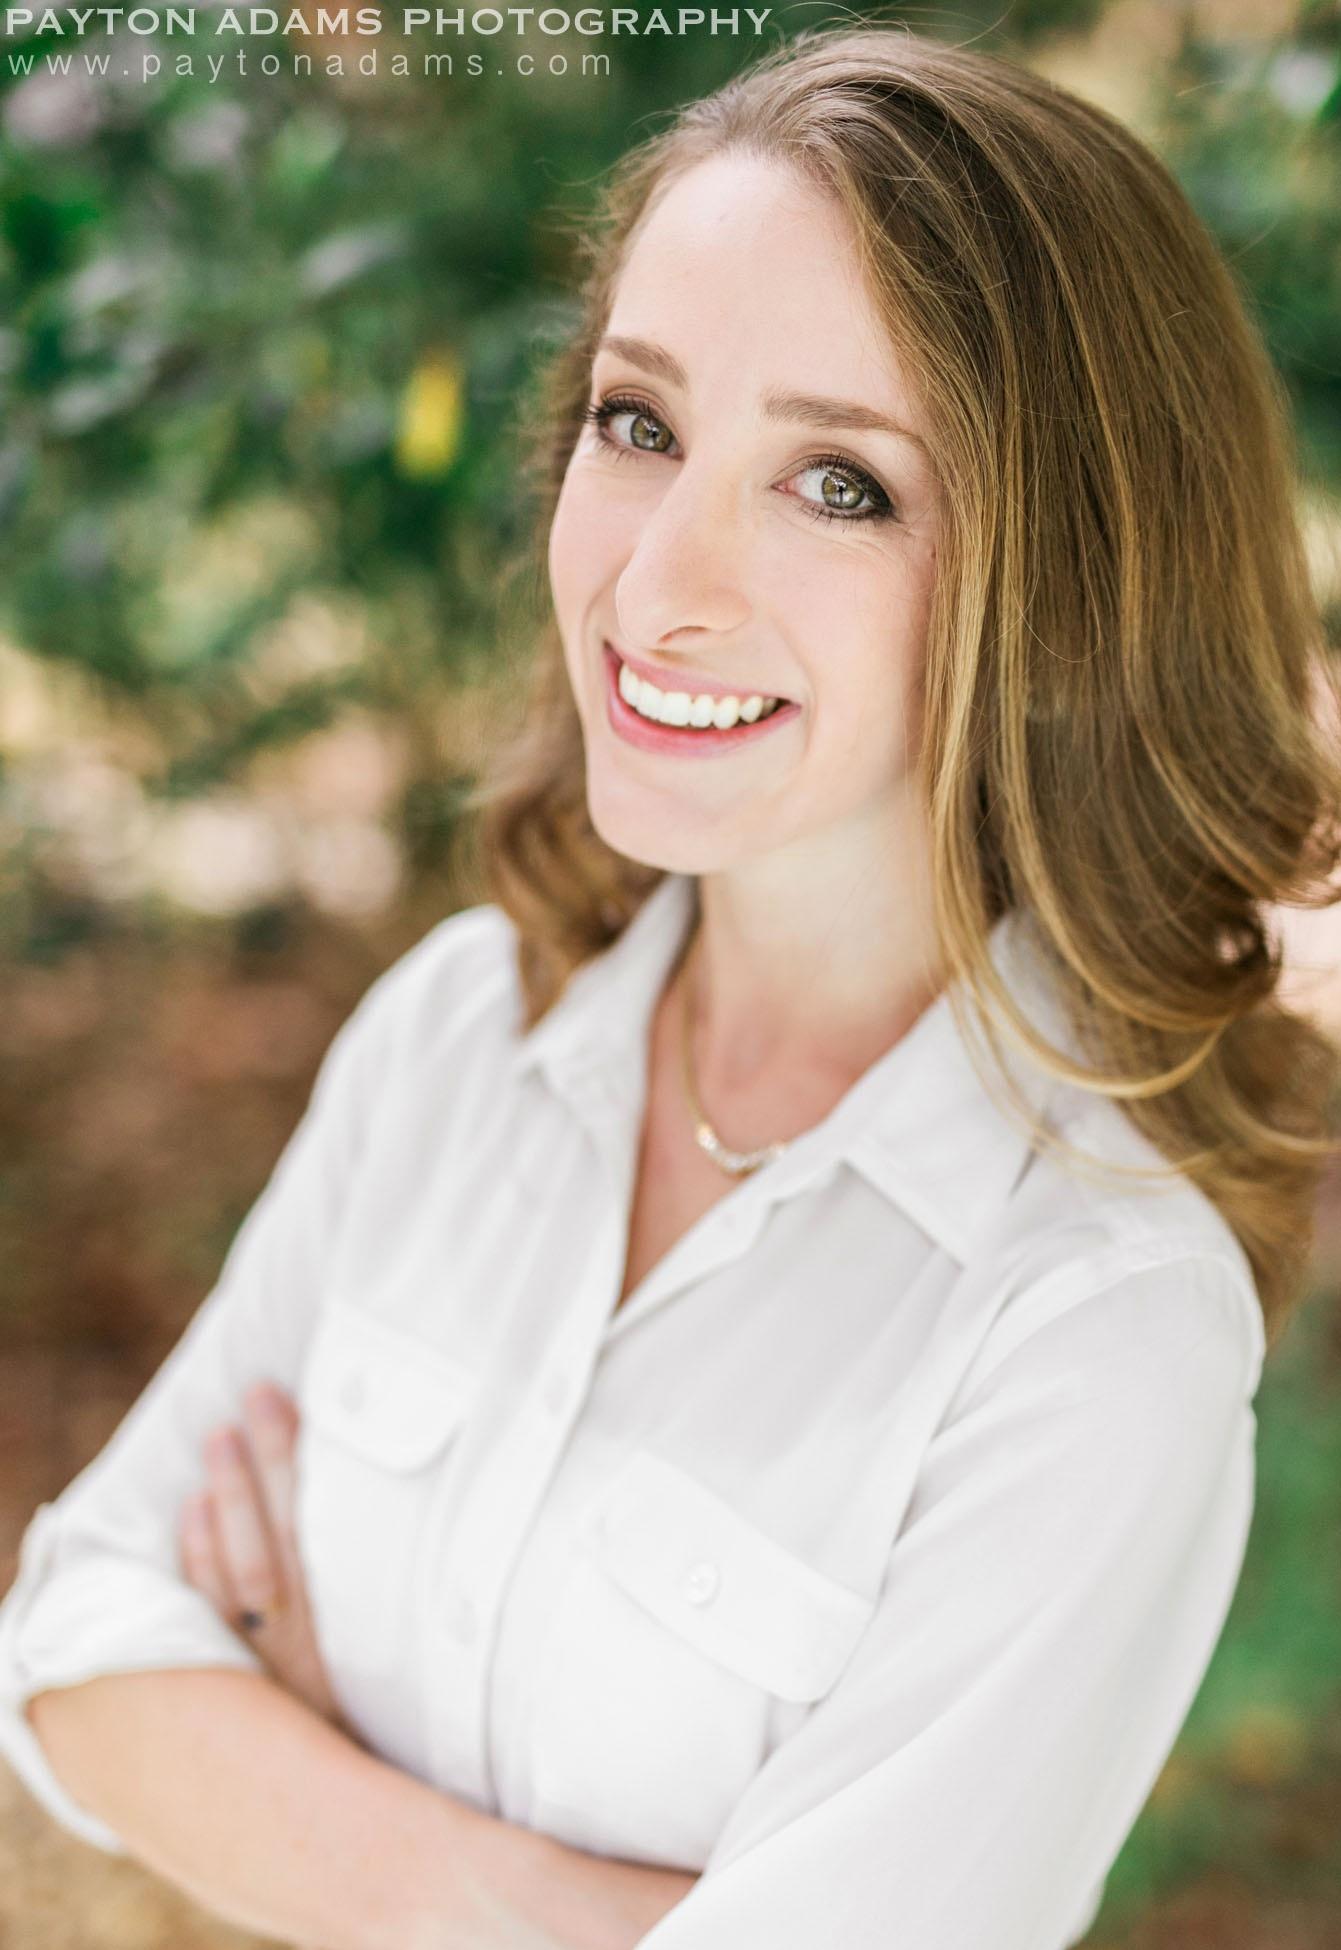 Taylor Dockter - The Forrester Center for Behavioral Health